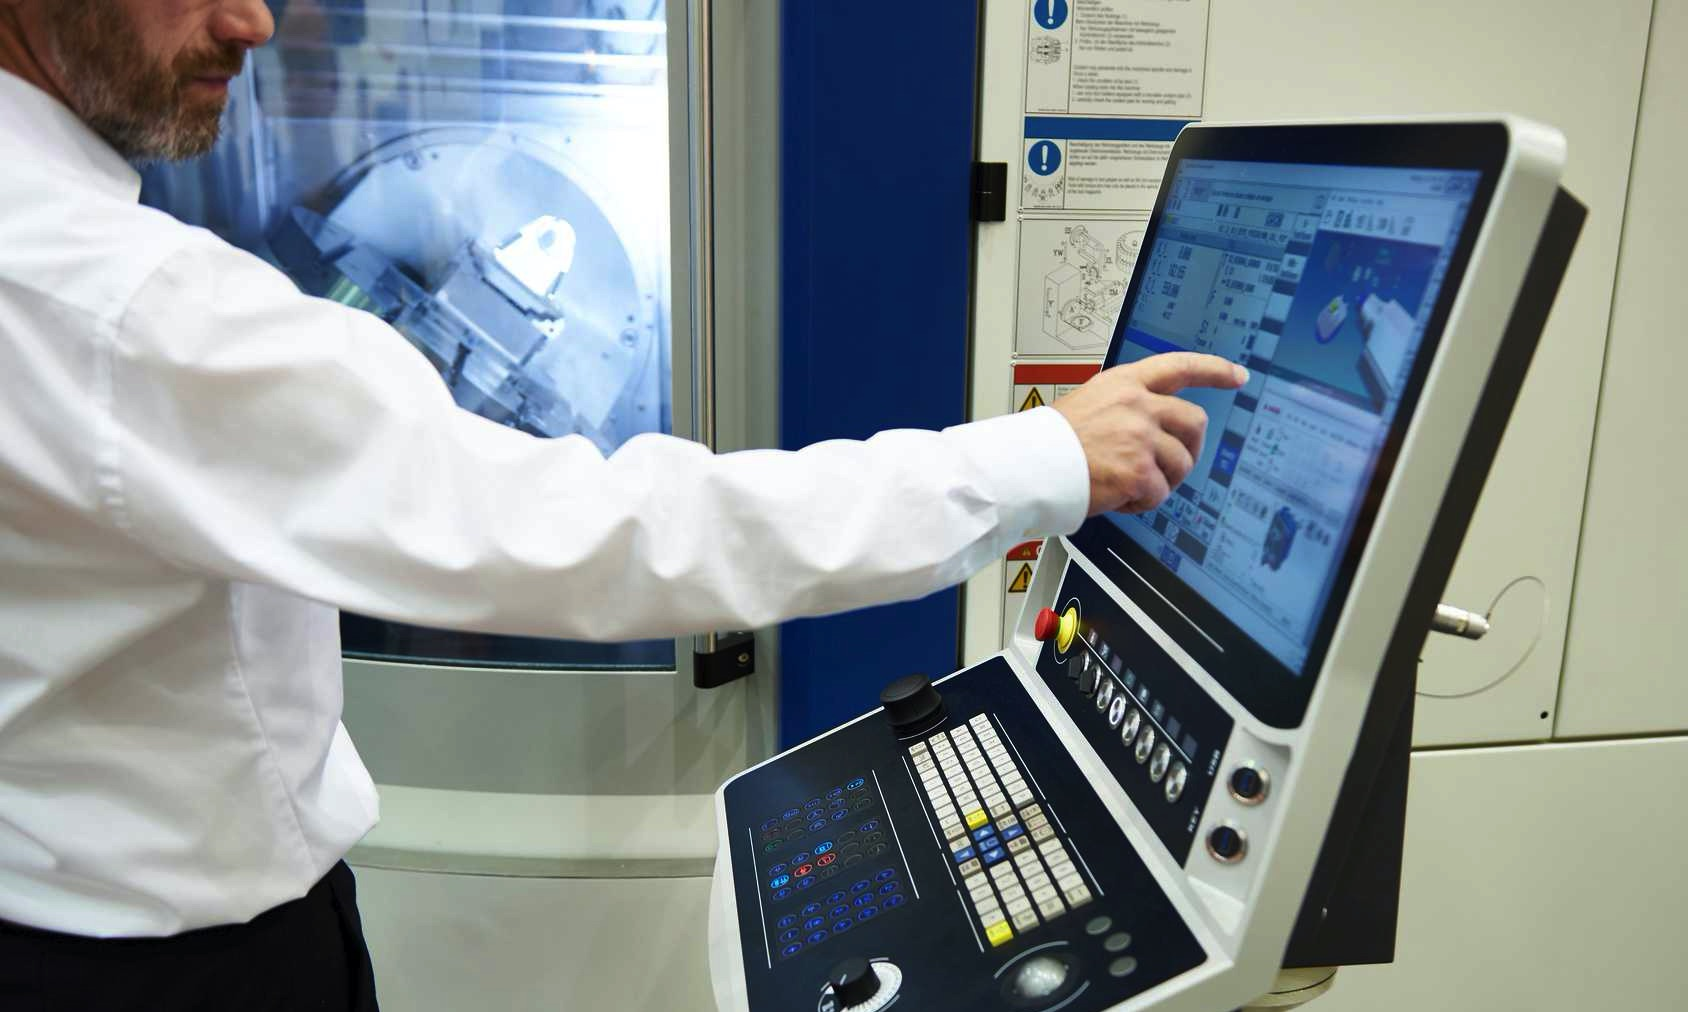 Idealny dostawca automatyki przemysłowej? Jak wybrać?